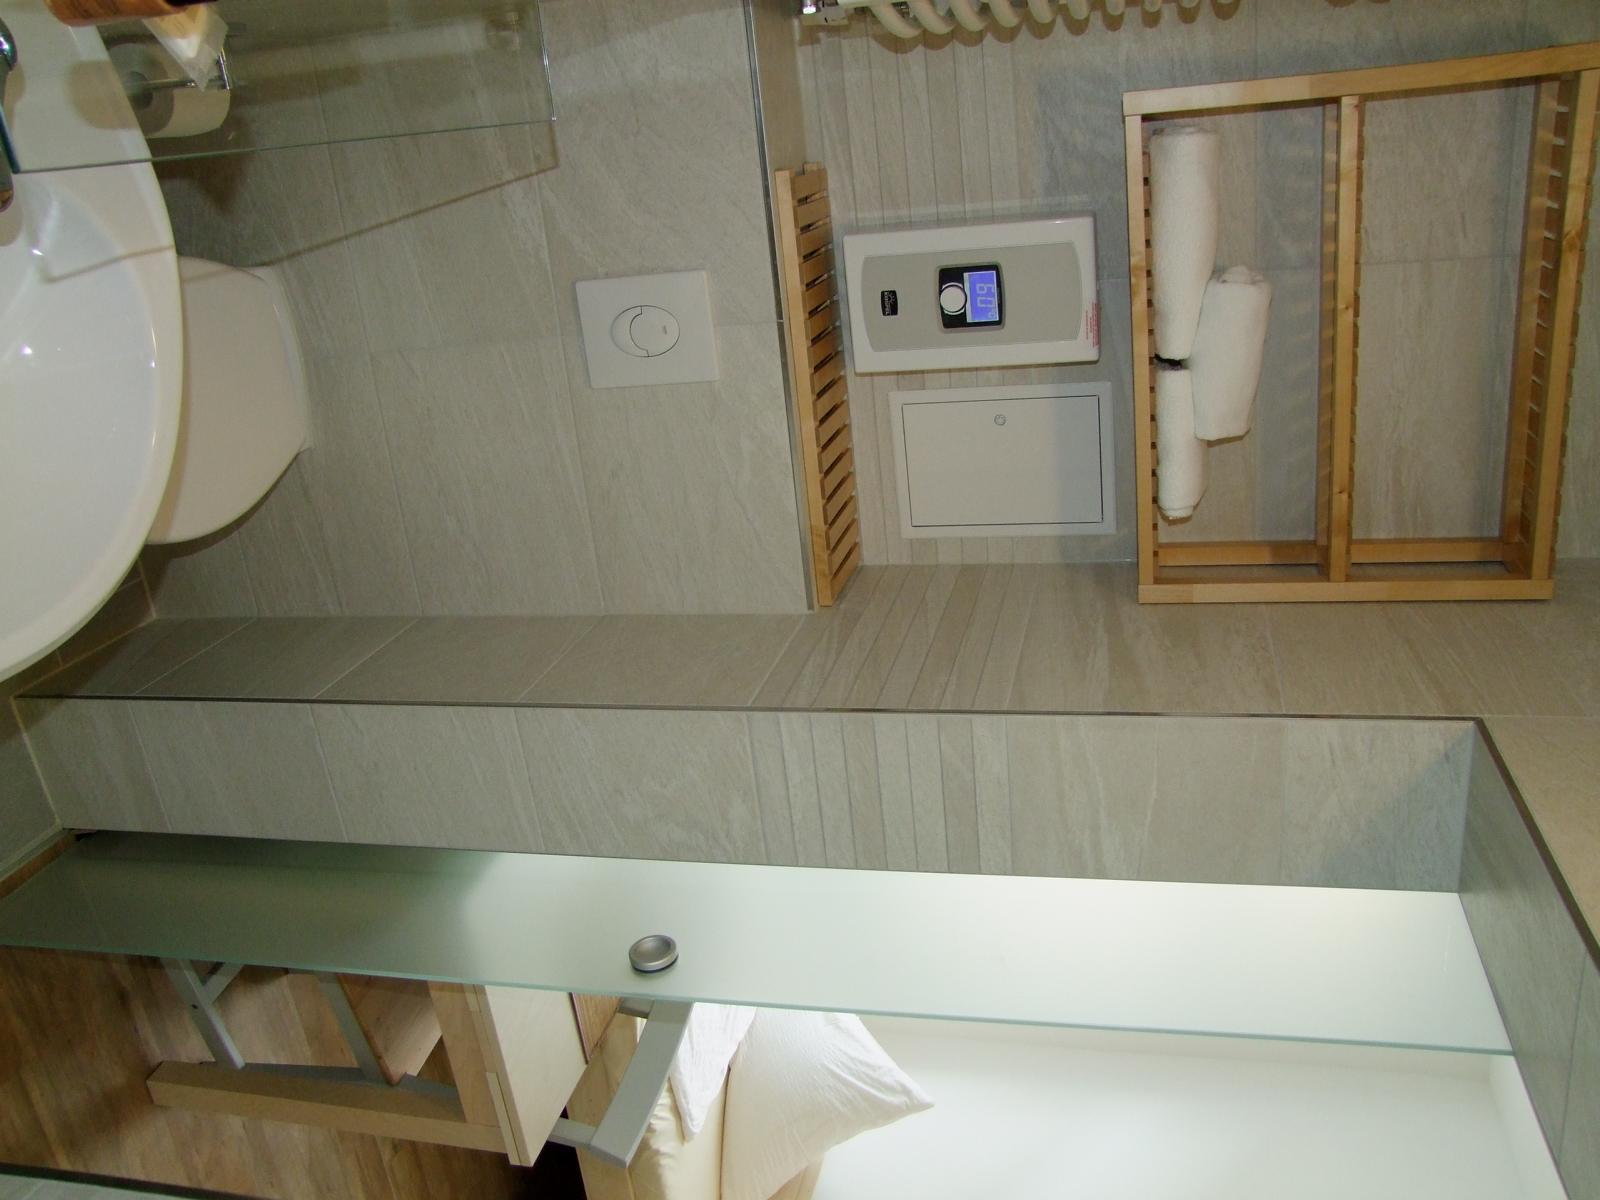 frankstays weingarten - ferienwohnung in frankfurt am main, Badezimmer ideen